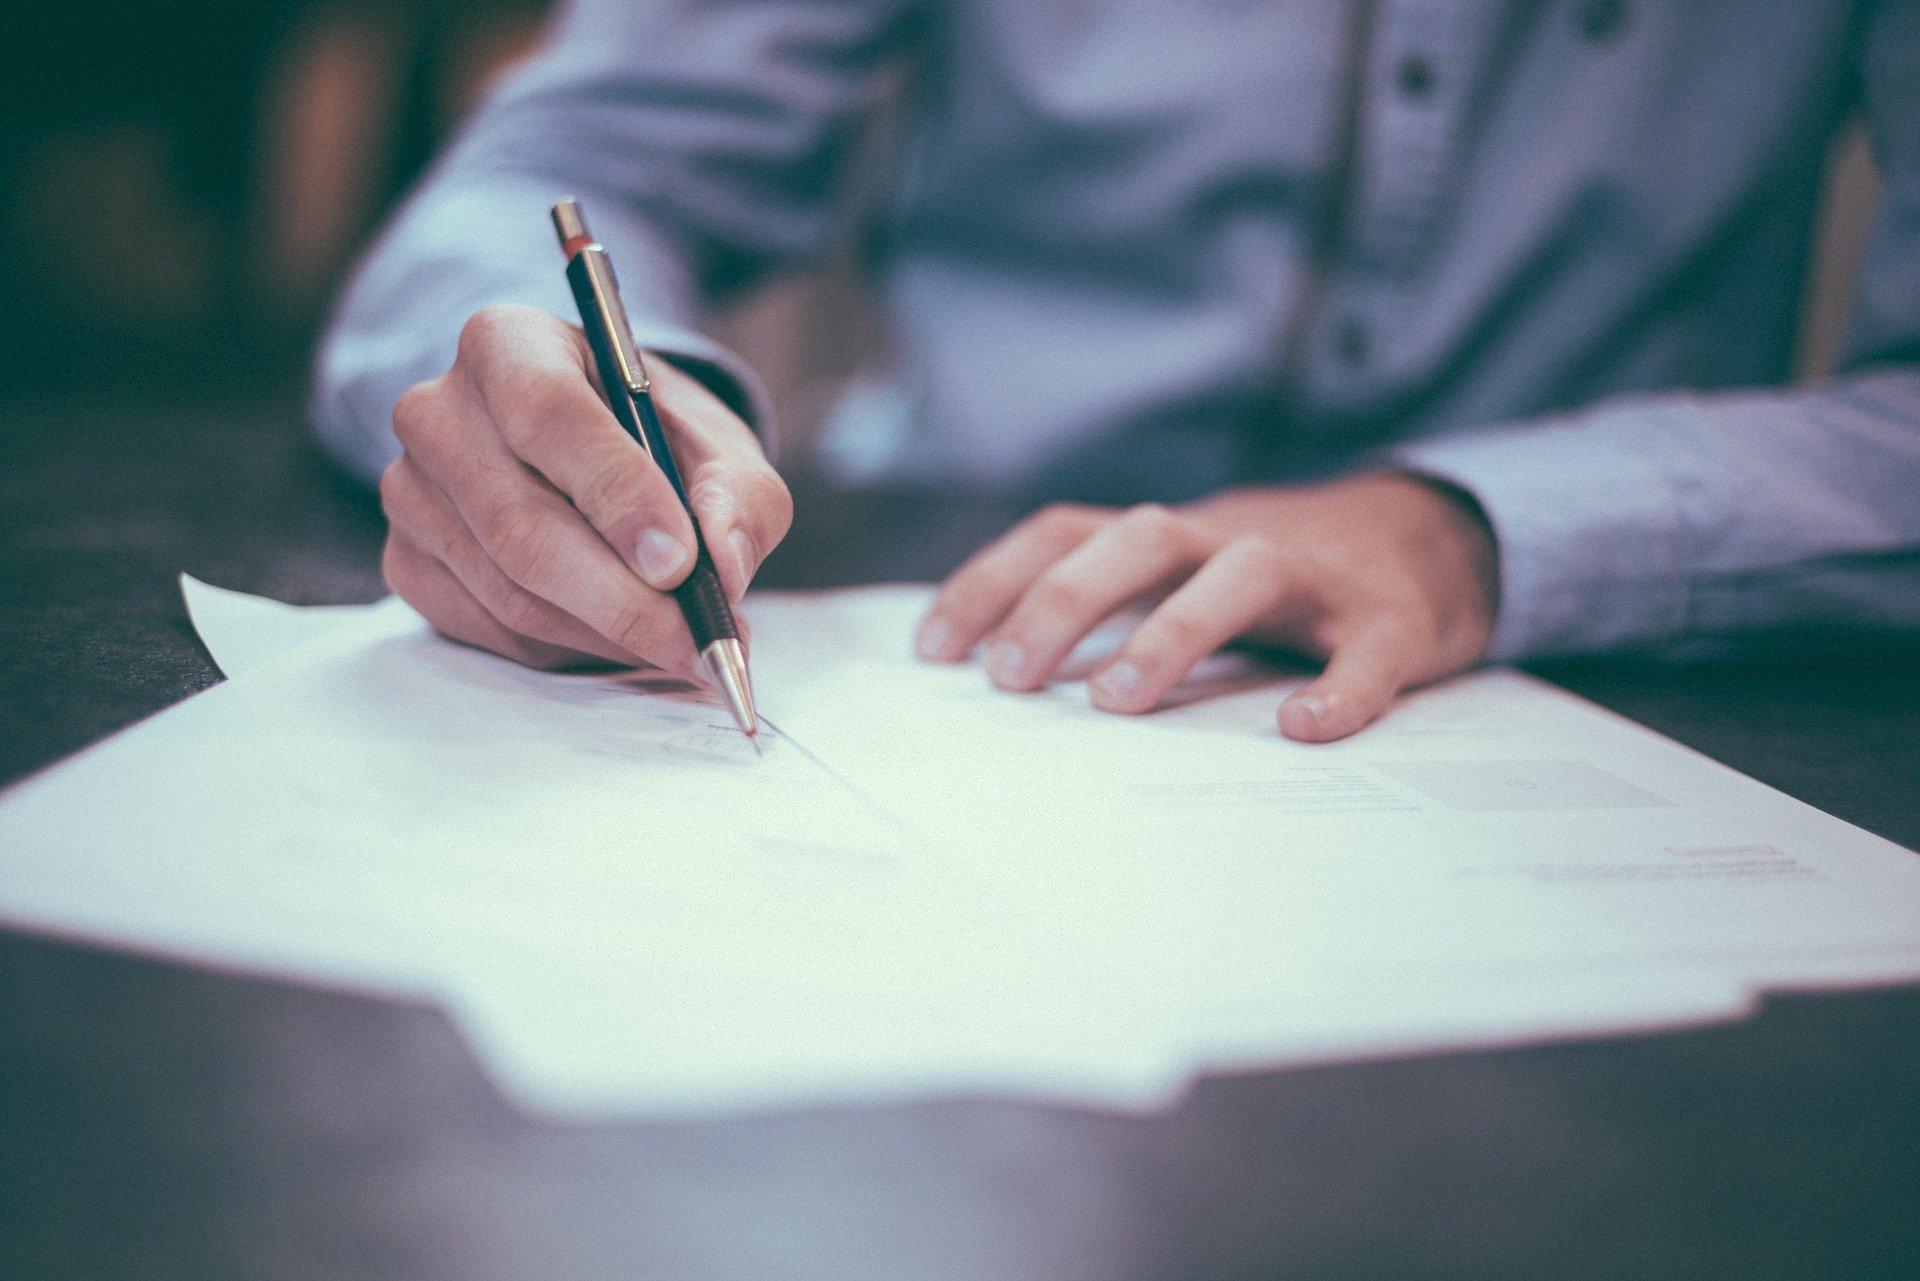 Contratos podems er revistos (Pixabay)